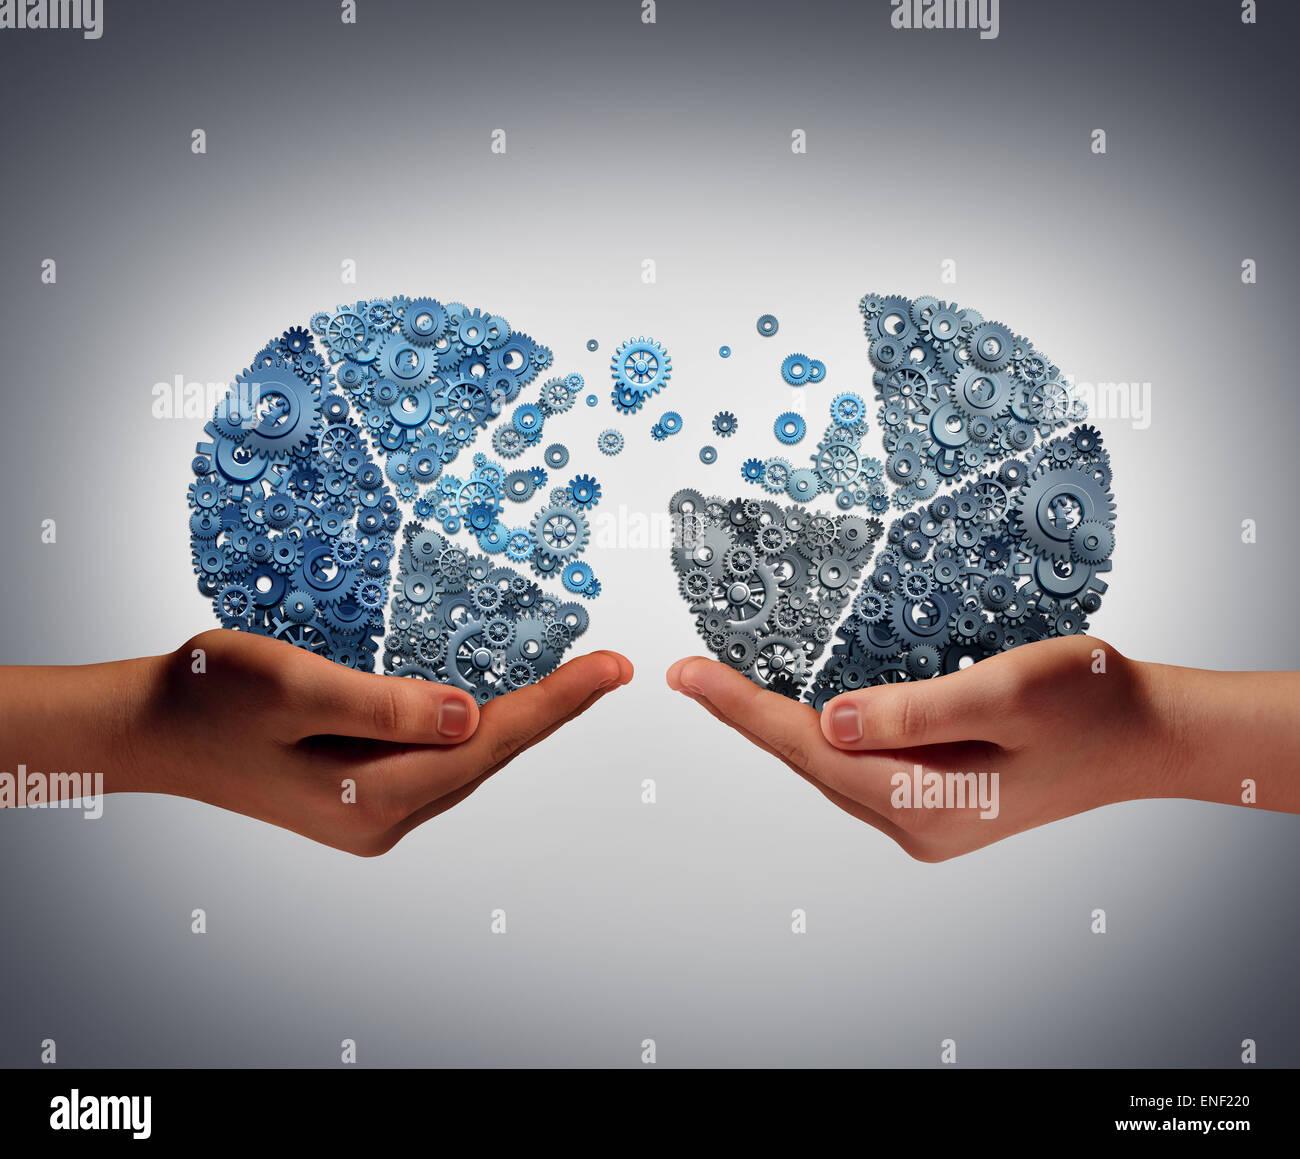 Invertir conjuntamente el concepto empresarial y respaldo financiero, apoyo a la innovación como dos personas Imagen De Stock